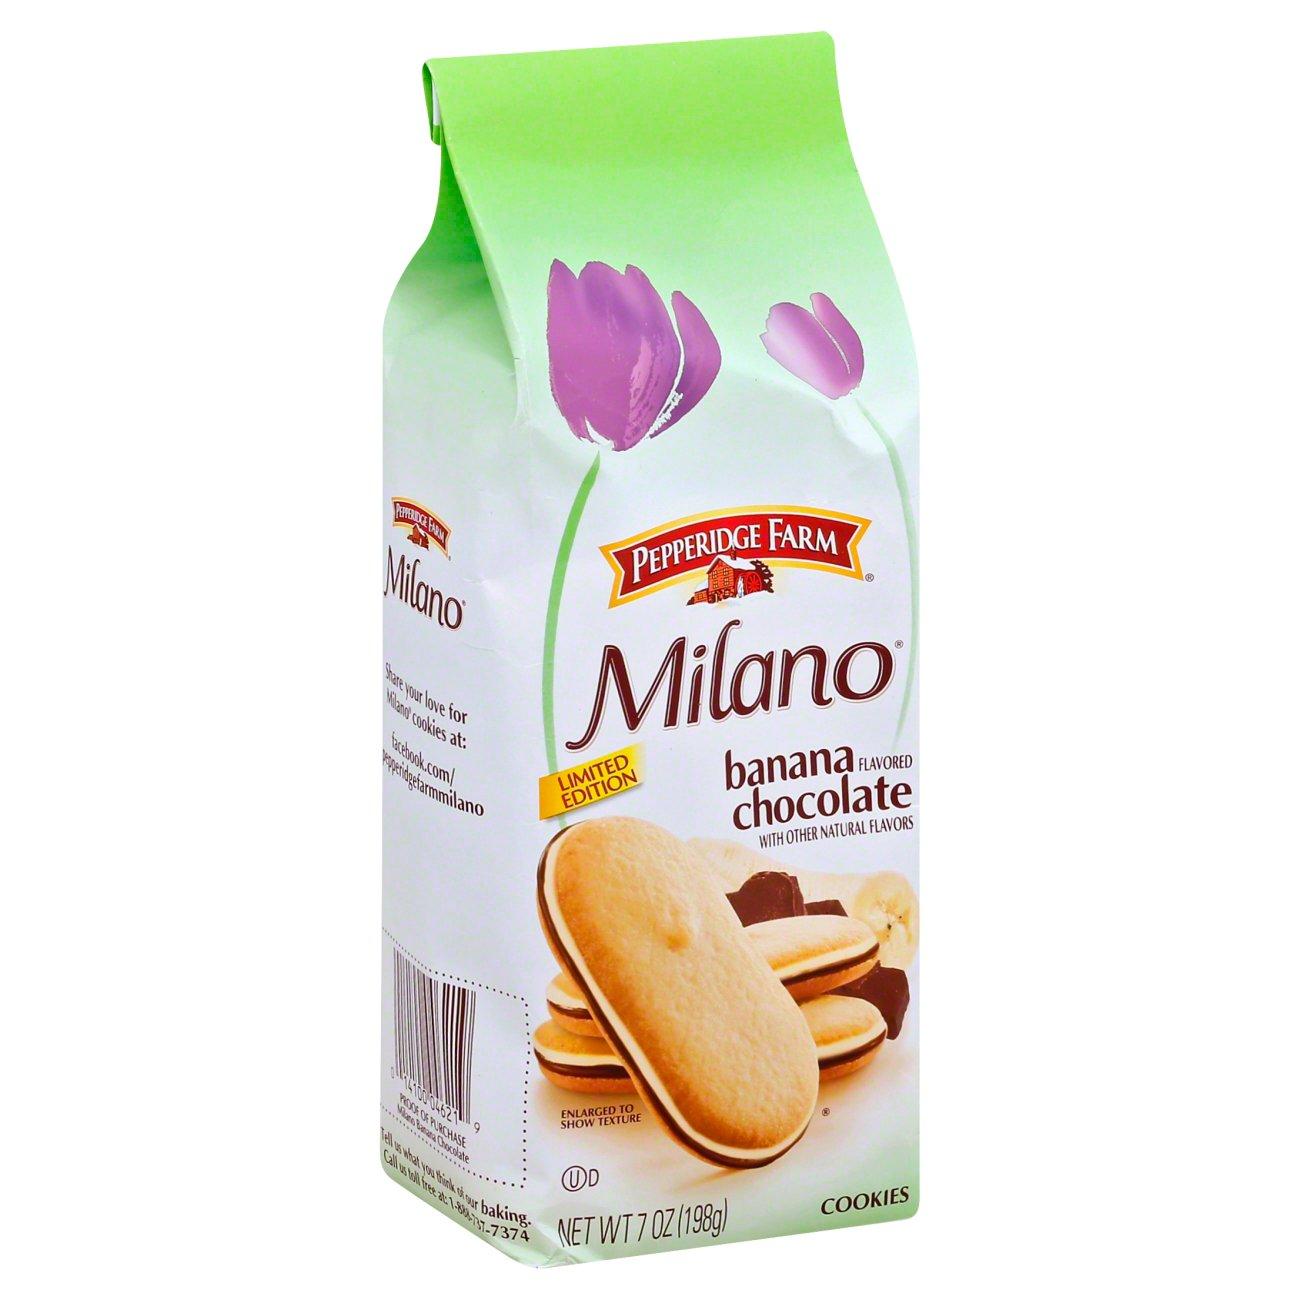 Pepperidge Farm Milano Cookies Chocolate Banana Shop Cookies At H E B